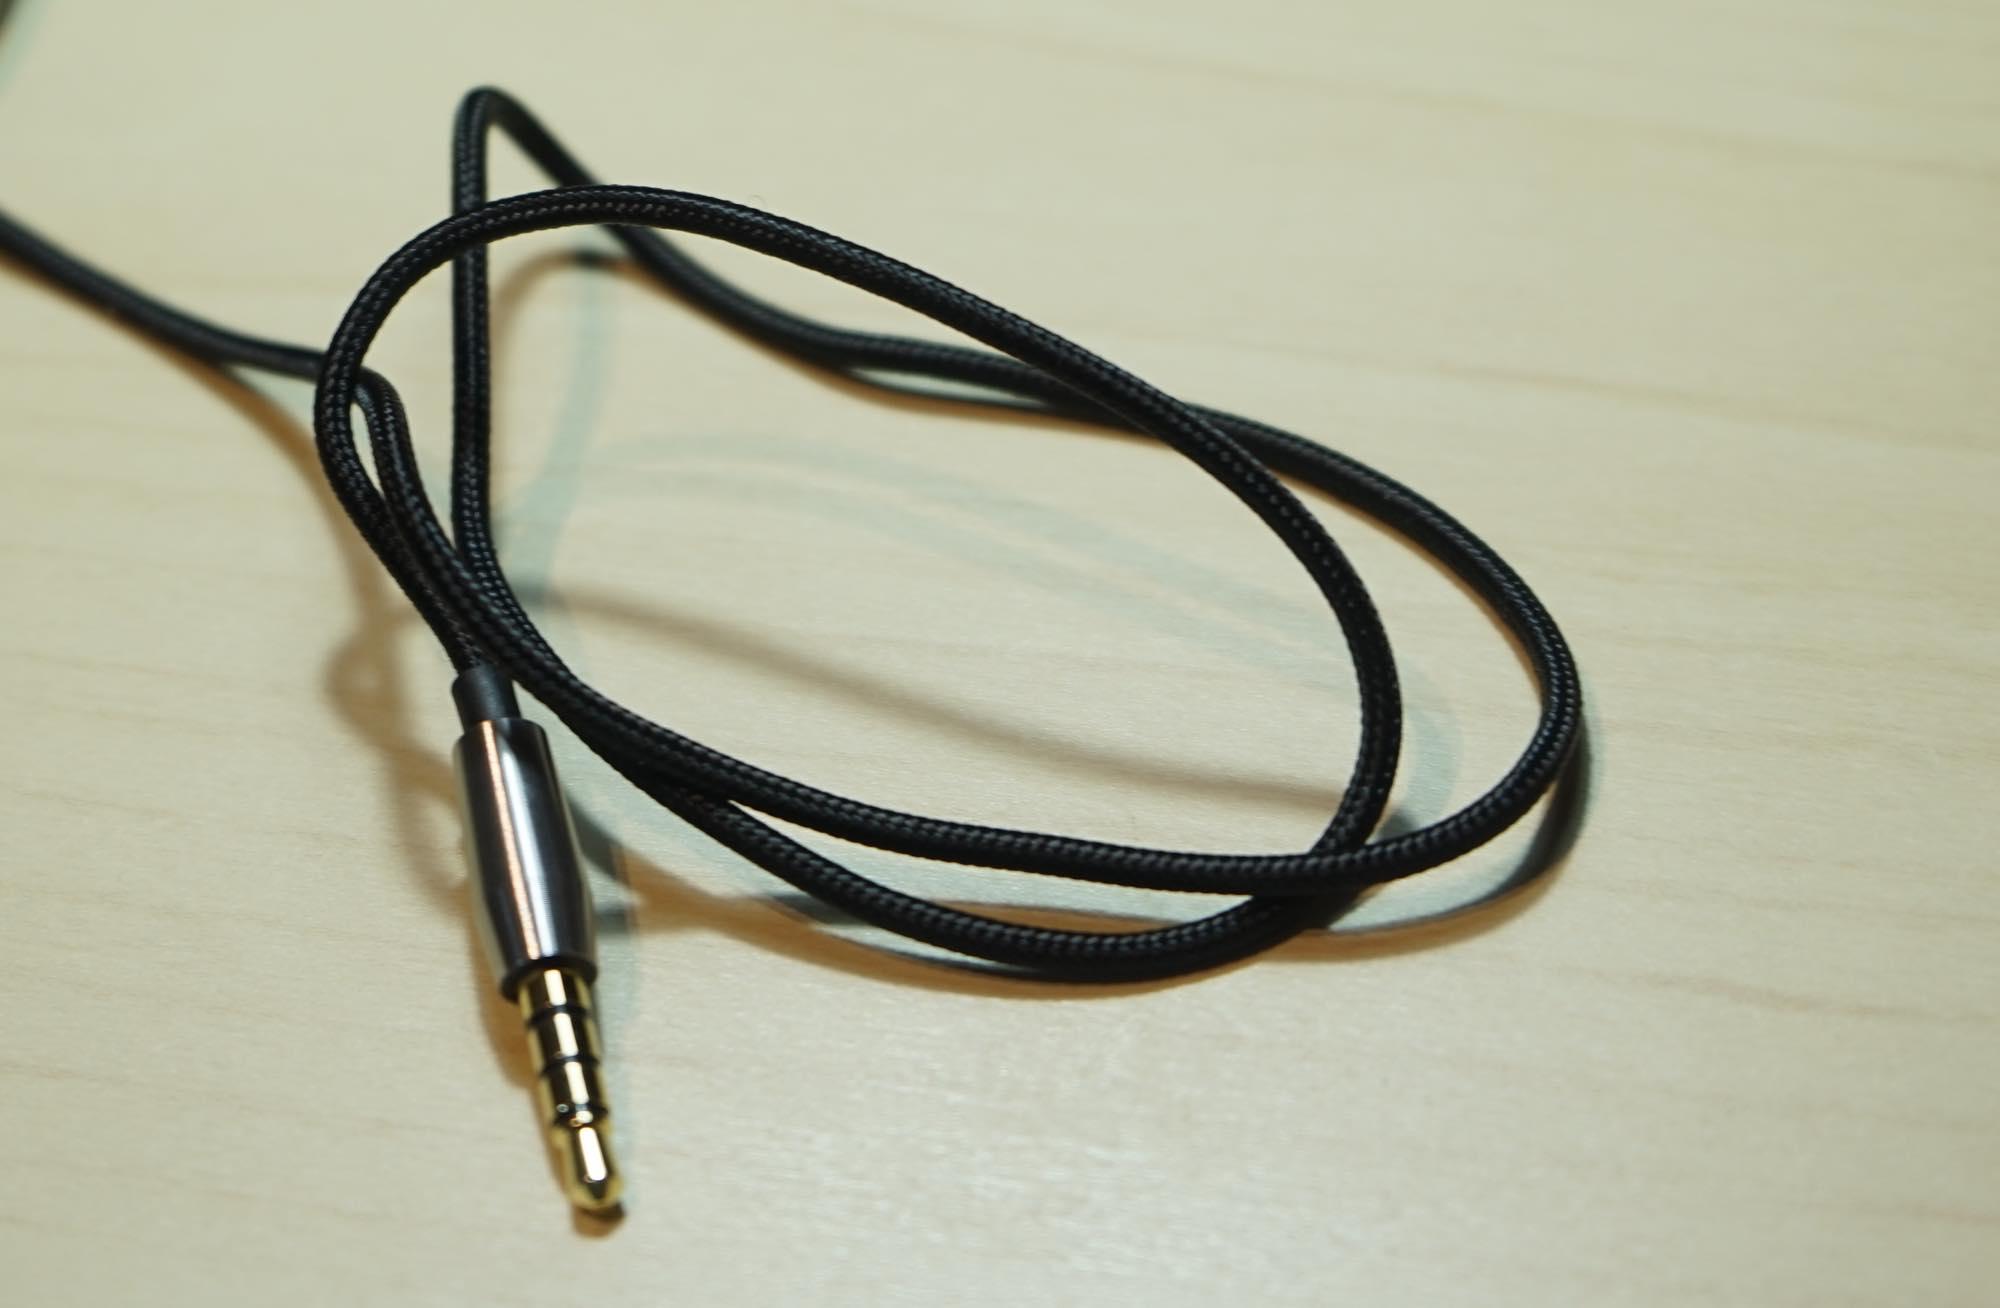 th_Mi-In-Ear-Headphones-Pro7